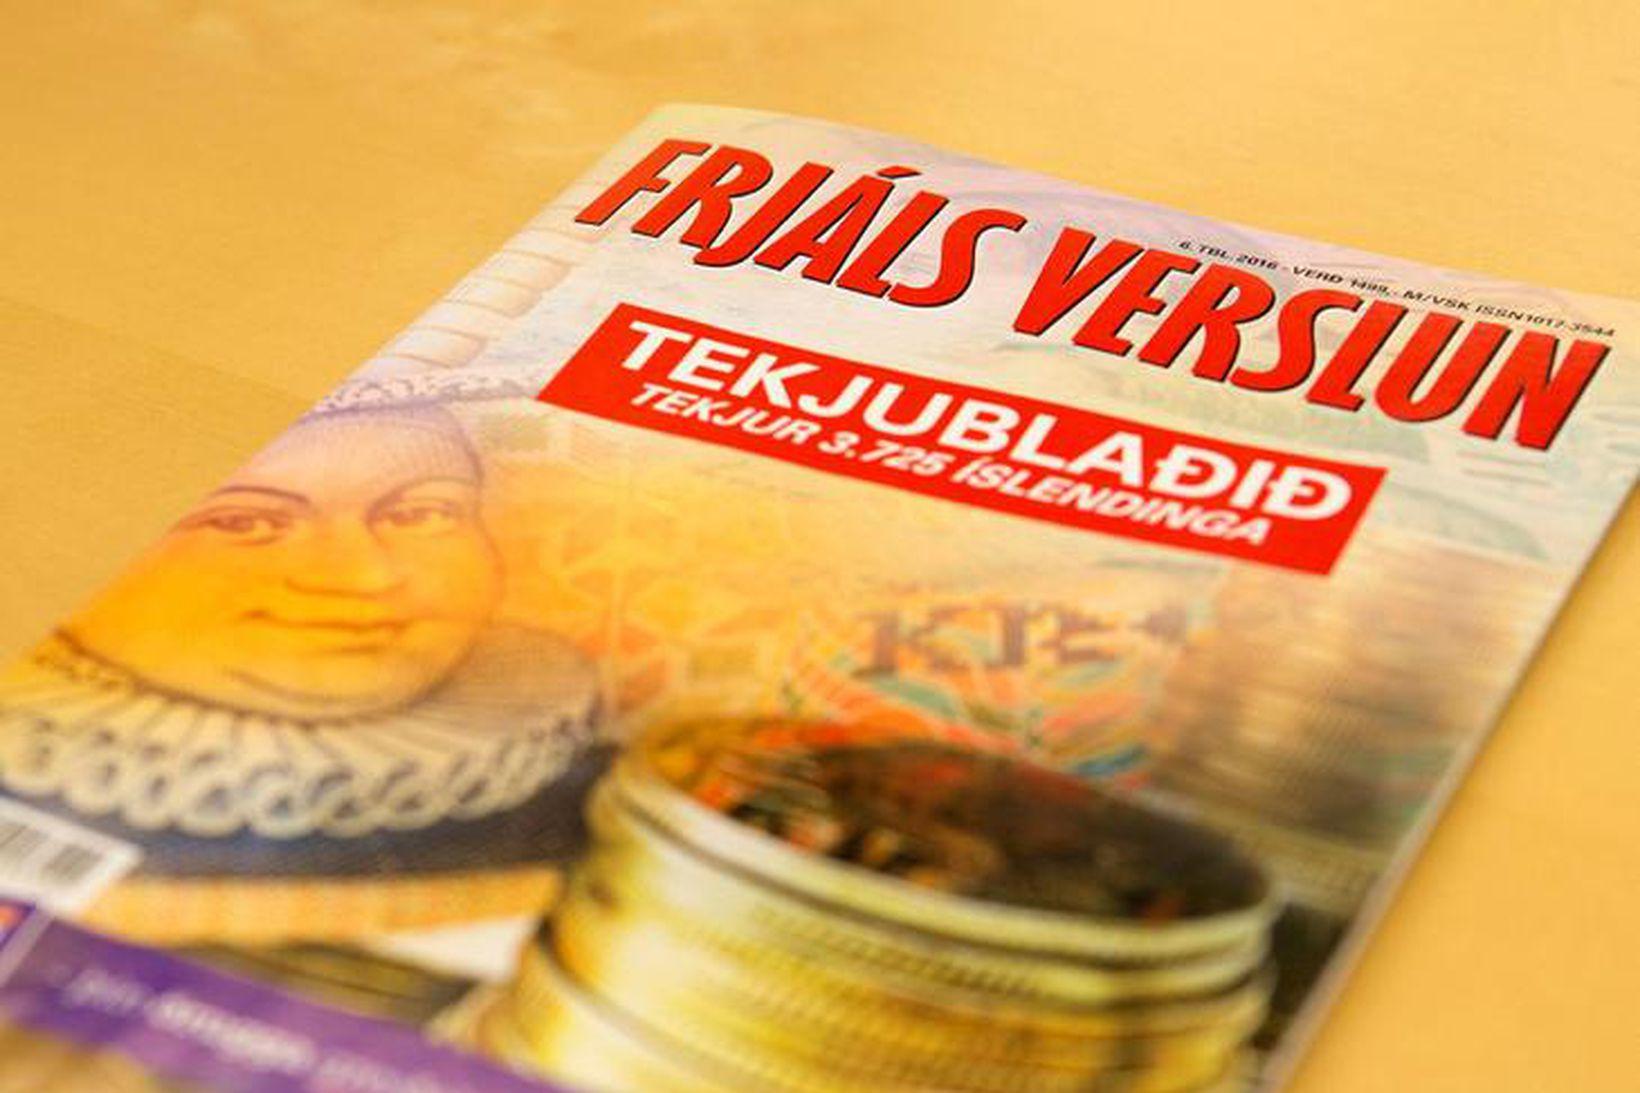 Tekjublað Frjálsrar verslunar frá árinu 2016.